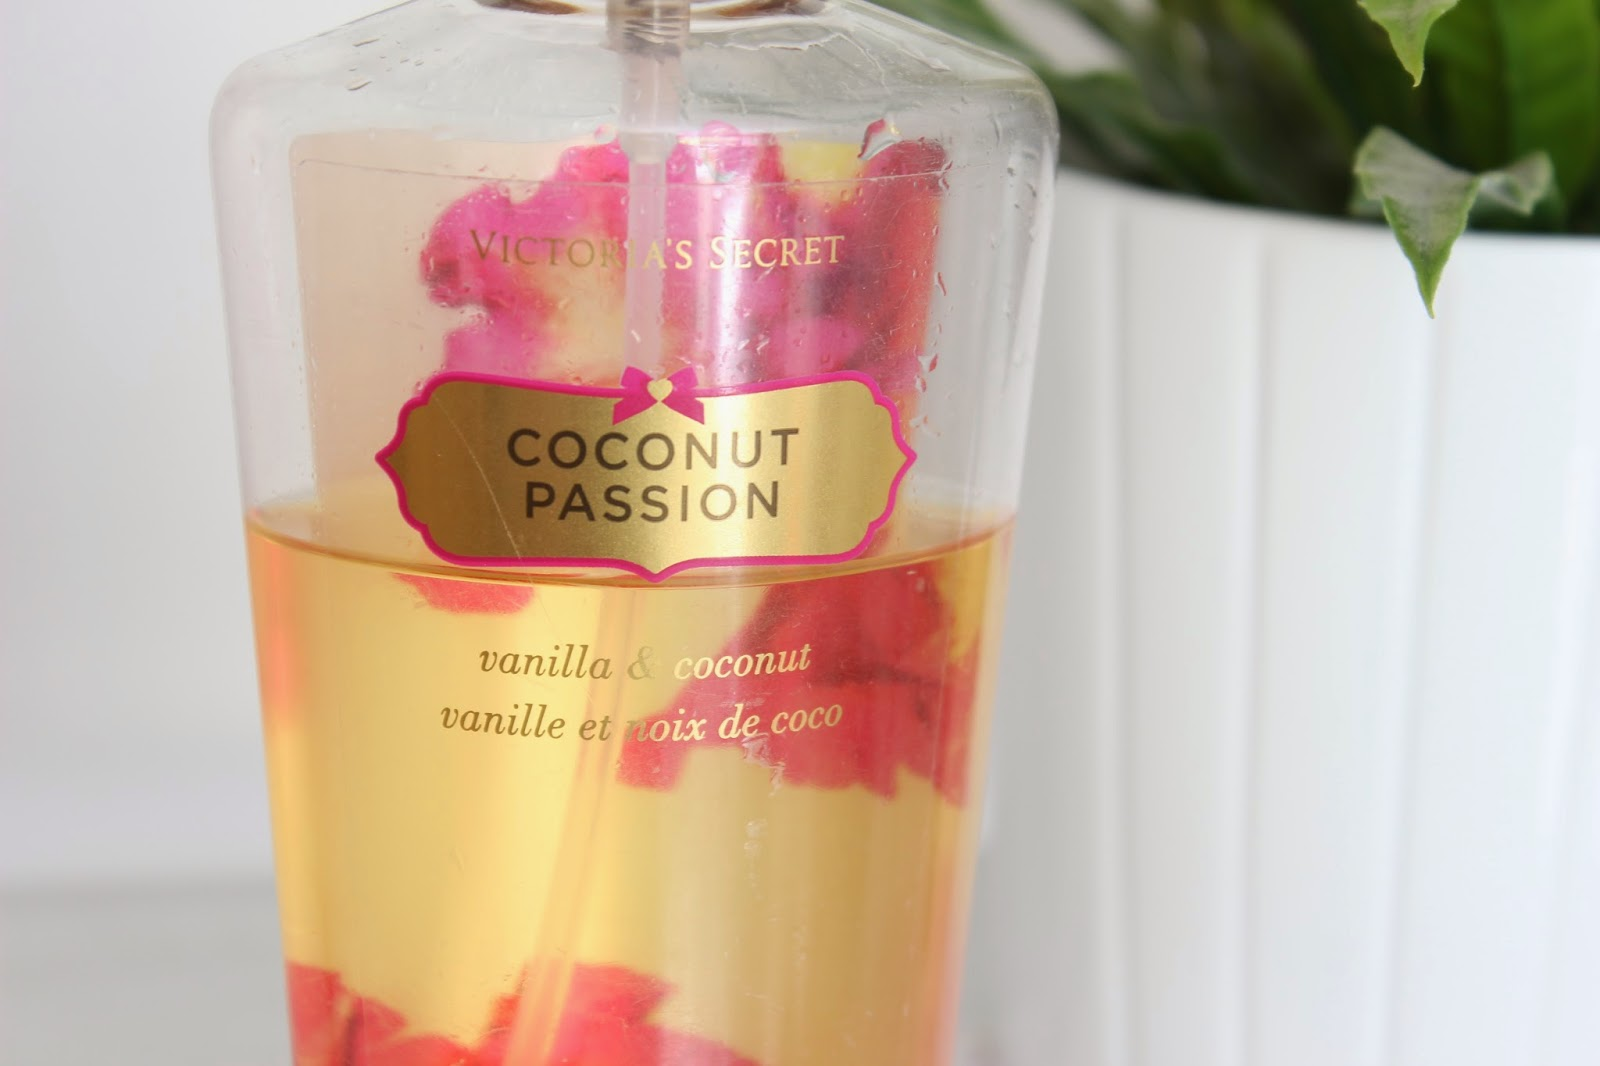 Victoria Secrets Coconut Passion Fragrance Mist // Review